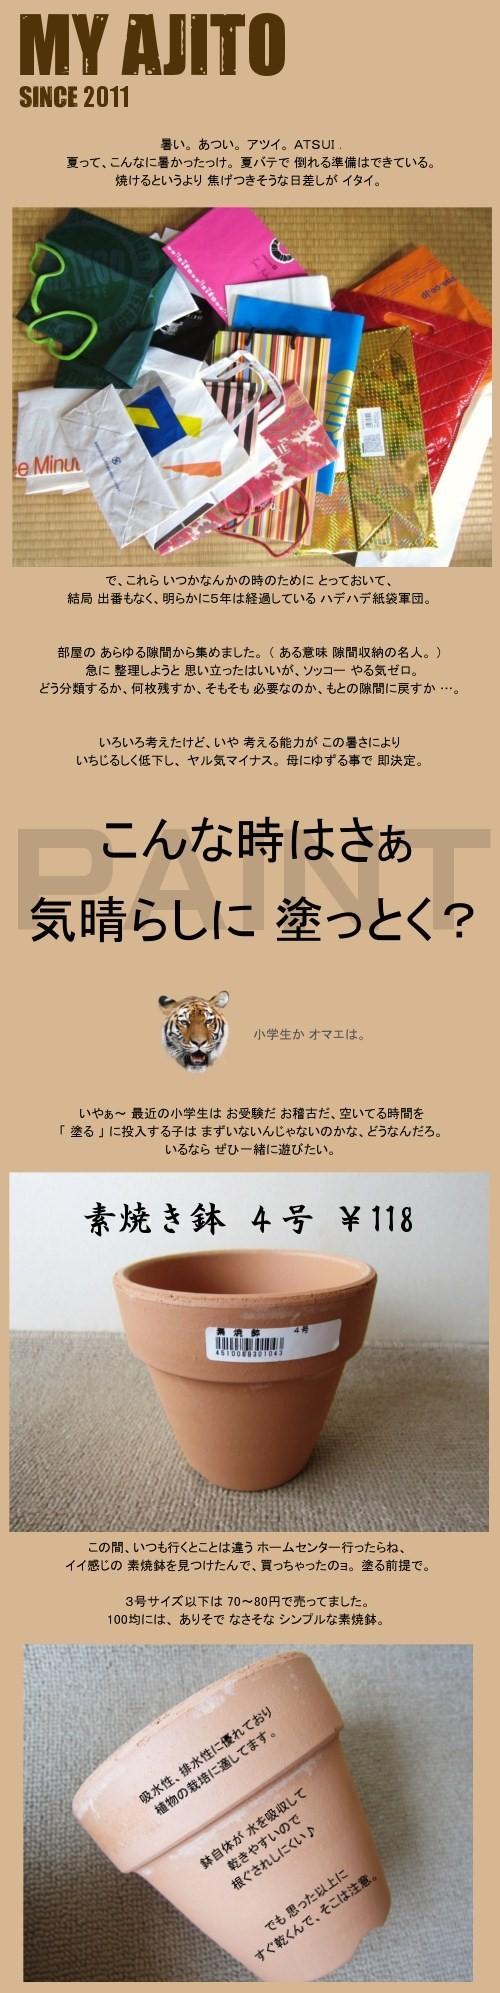 JII_01.jpg